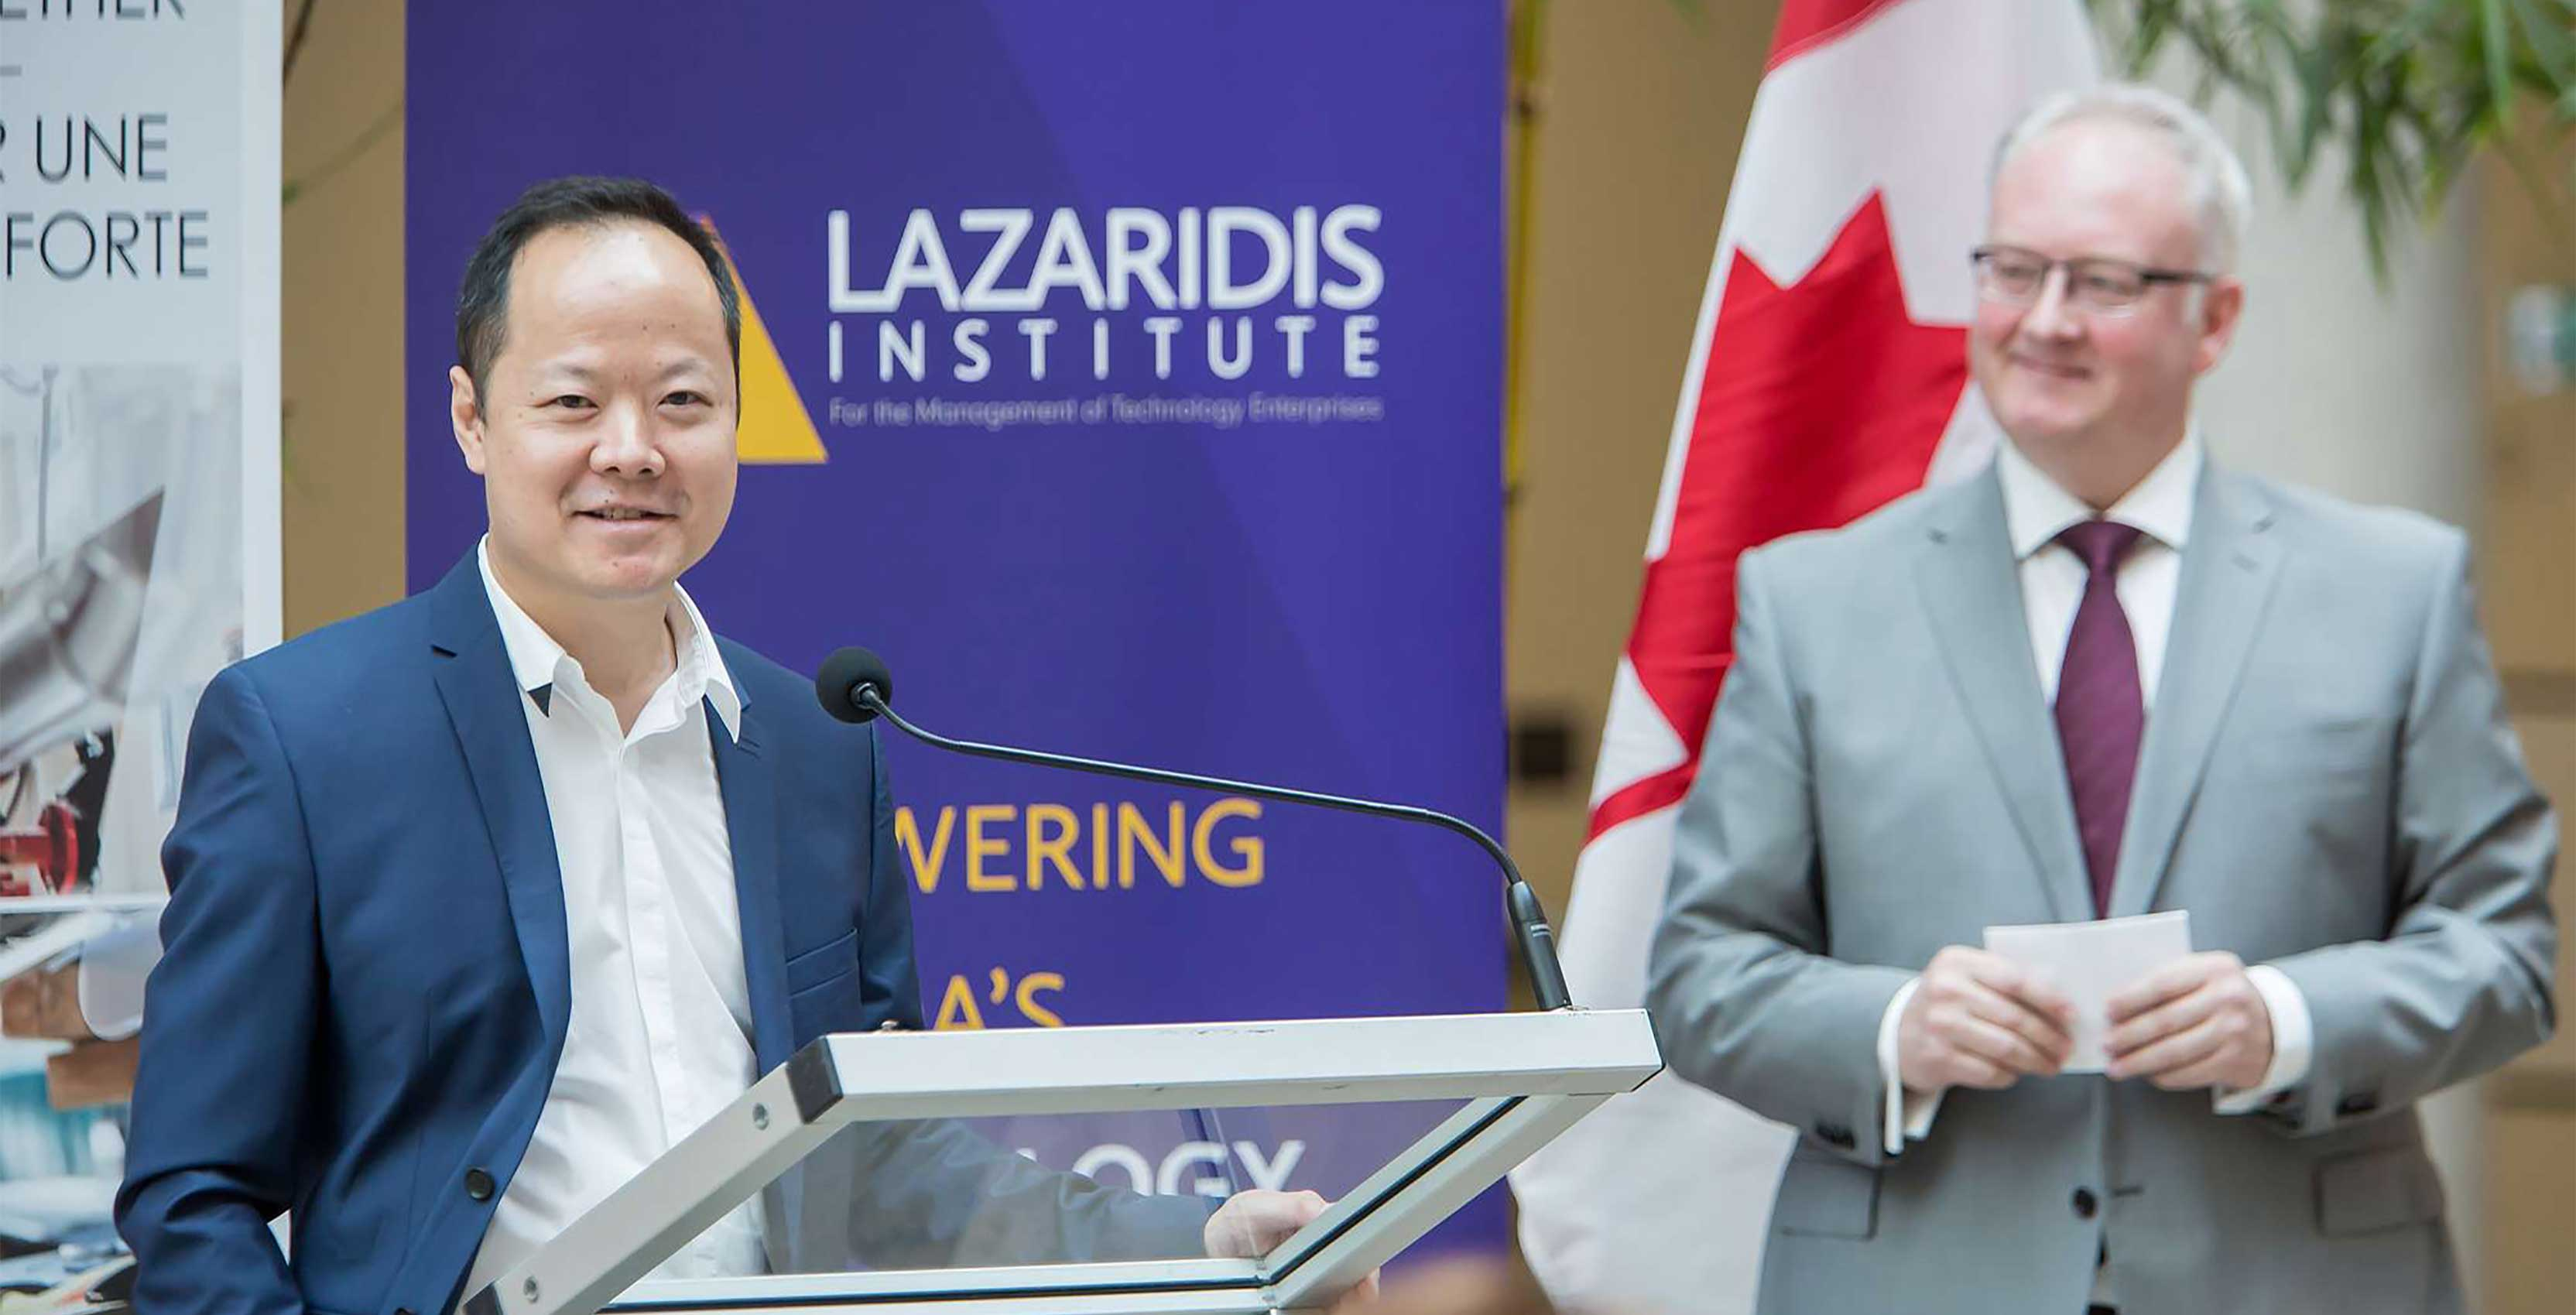 Lazaridis Institute